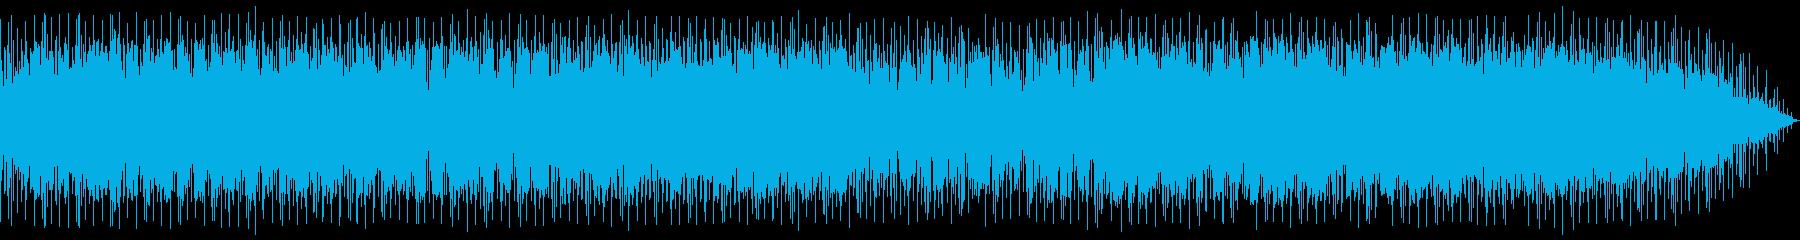 インディー/ポップビートルズ/バー...の再生済みの波形